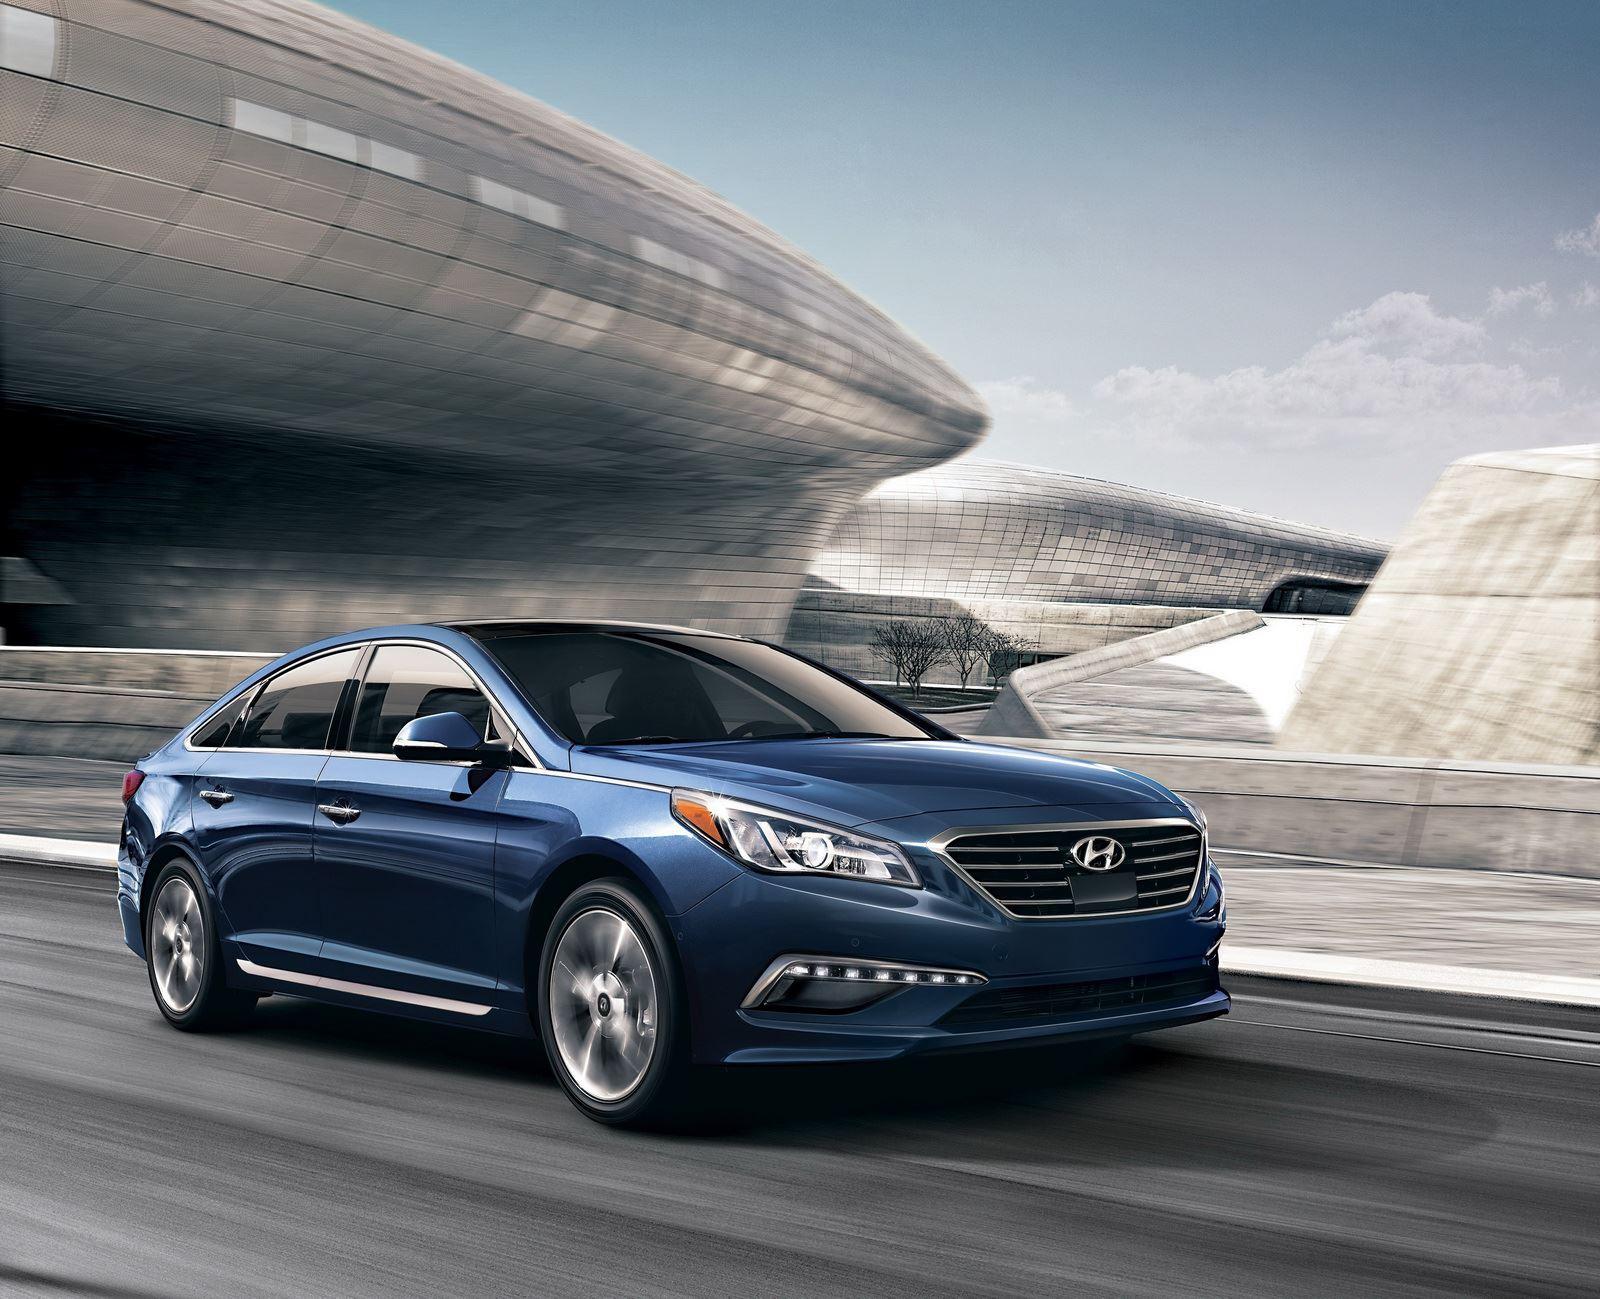 Hyundai-Sonata- 2016 2